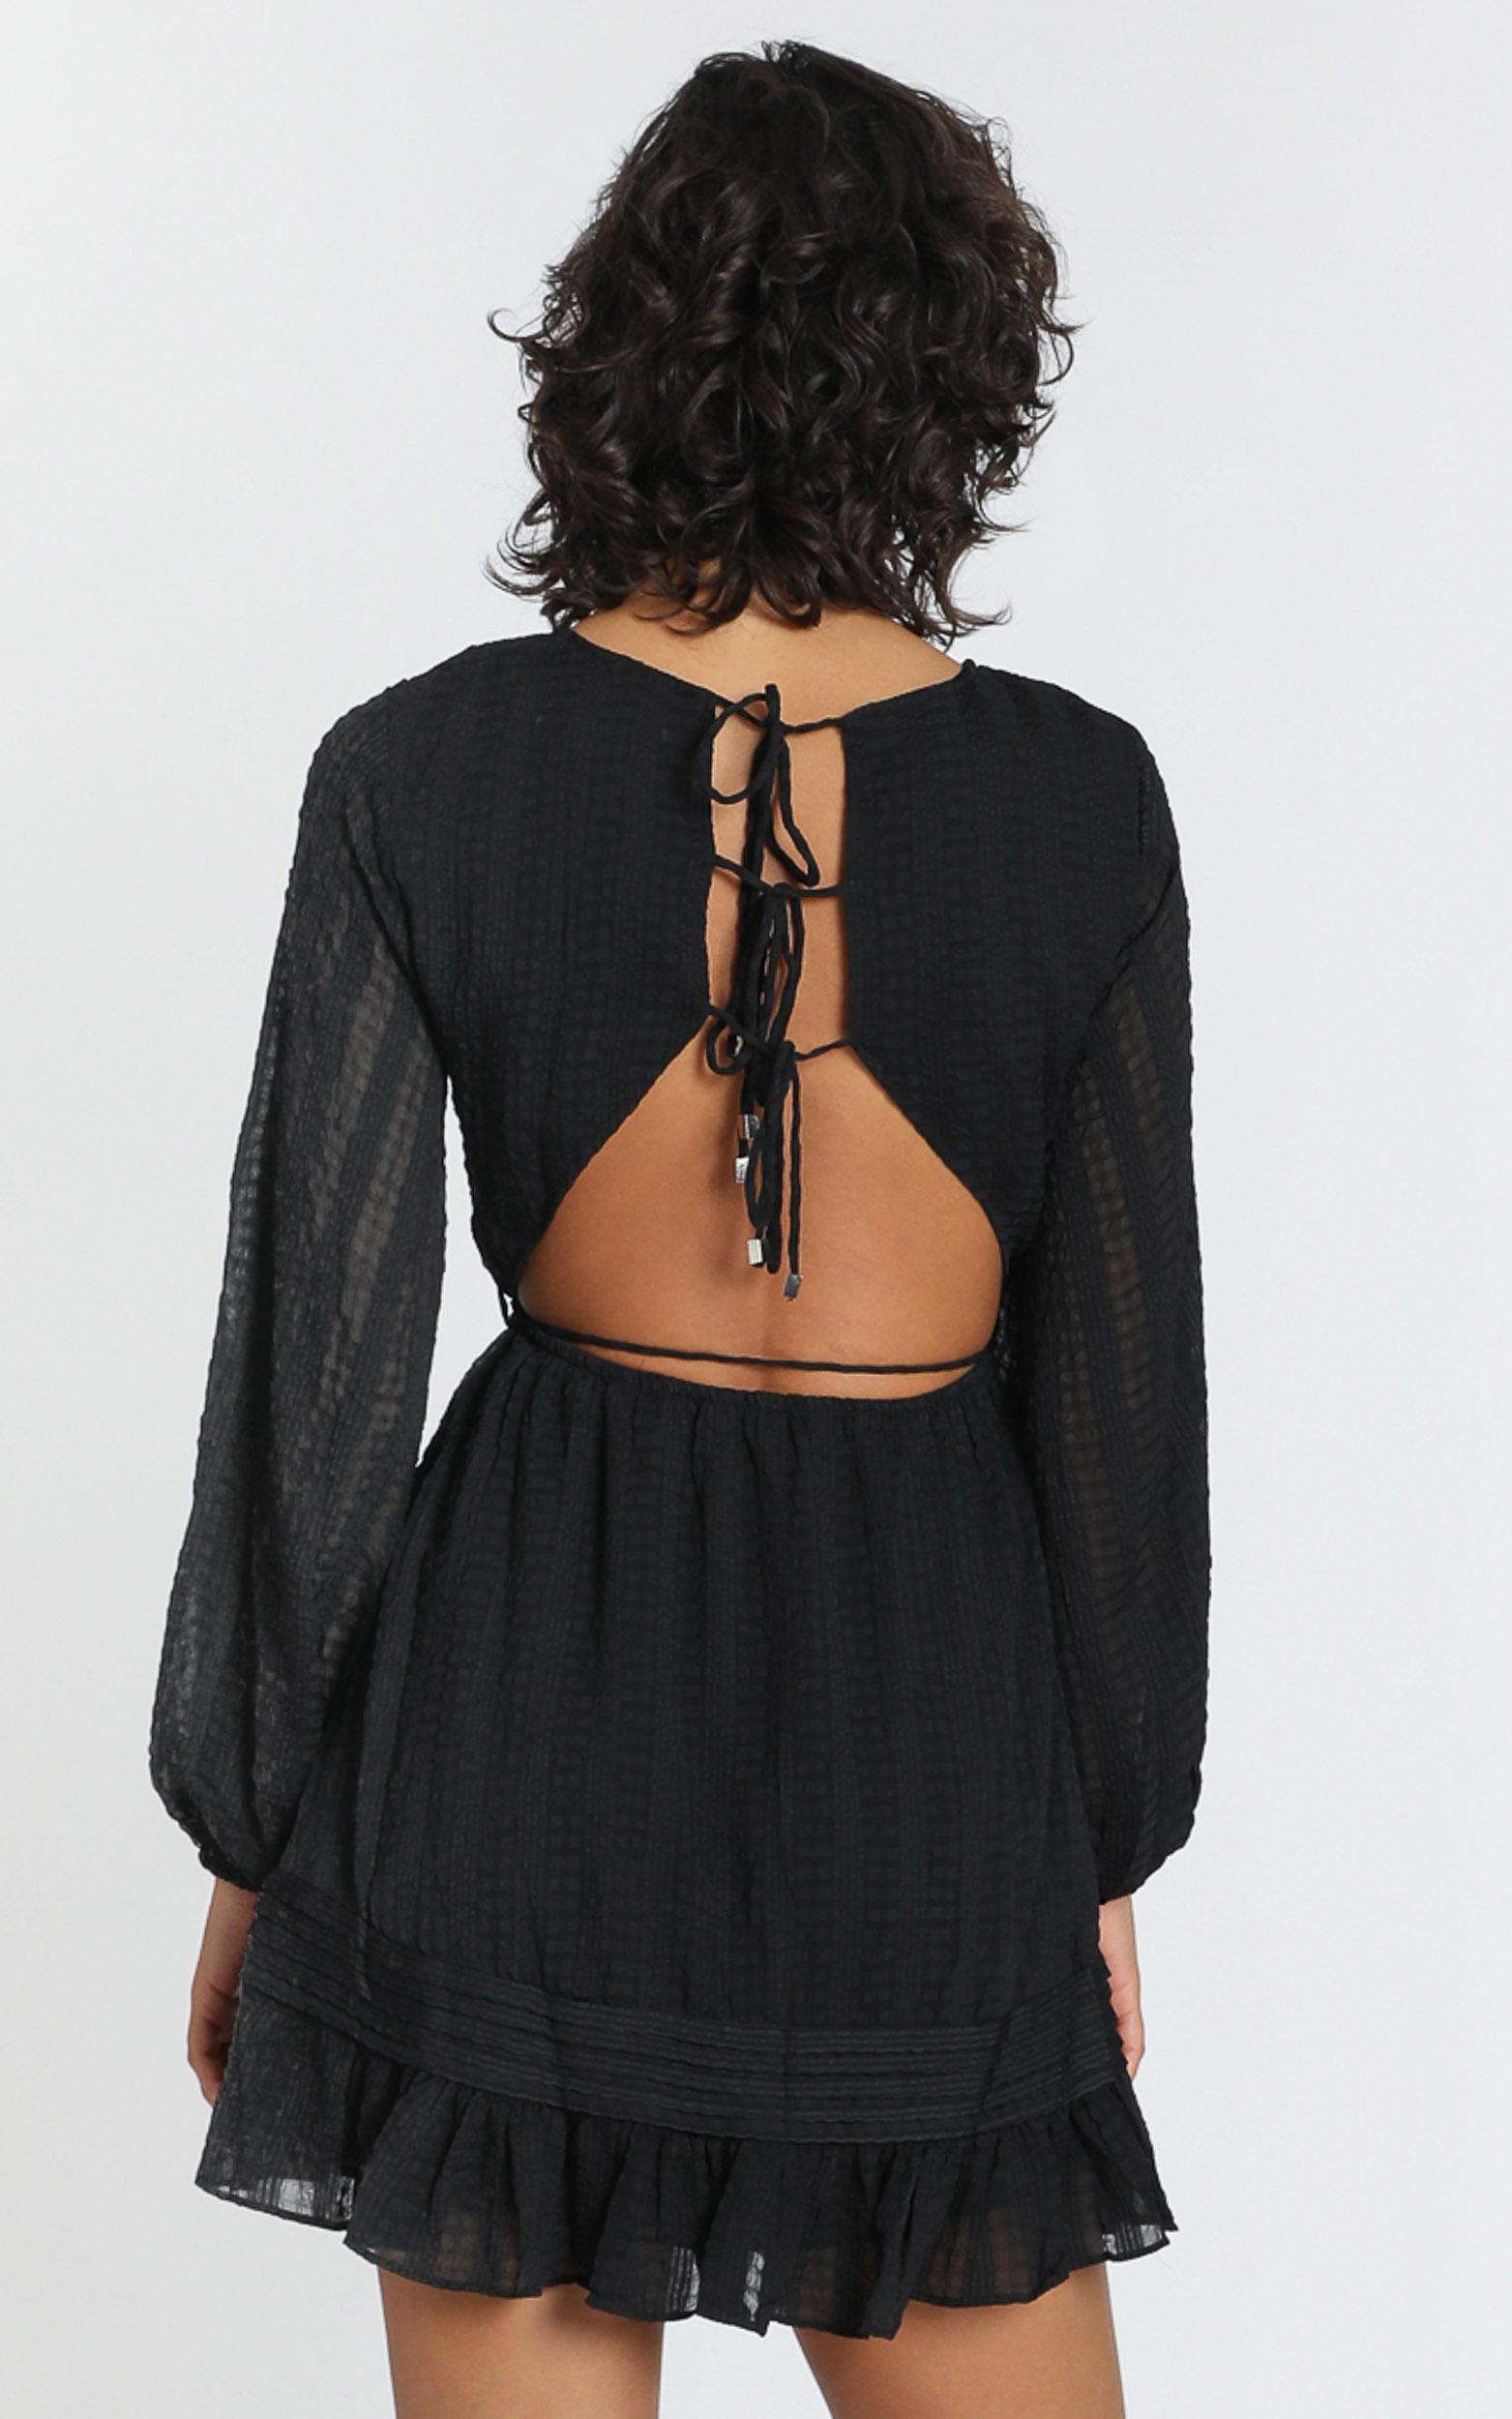 Marlena Dress in Black - 6 (XS), Black, hi-res image number null